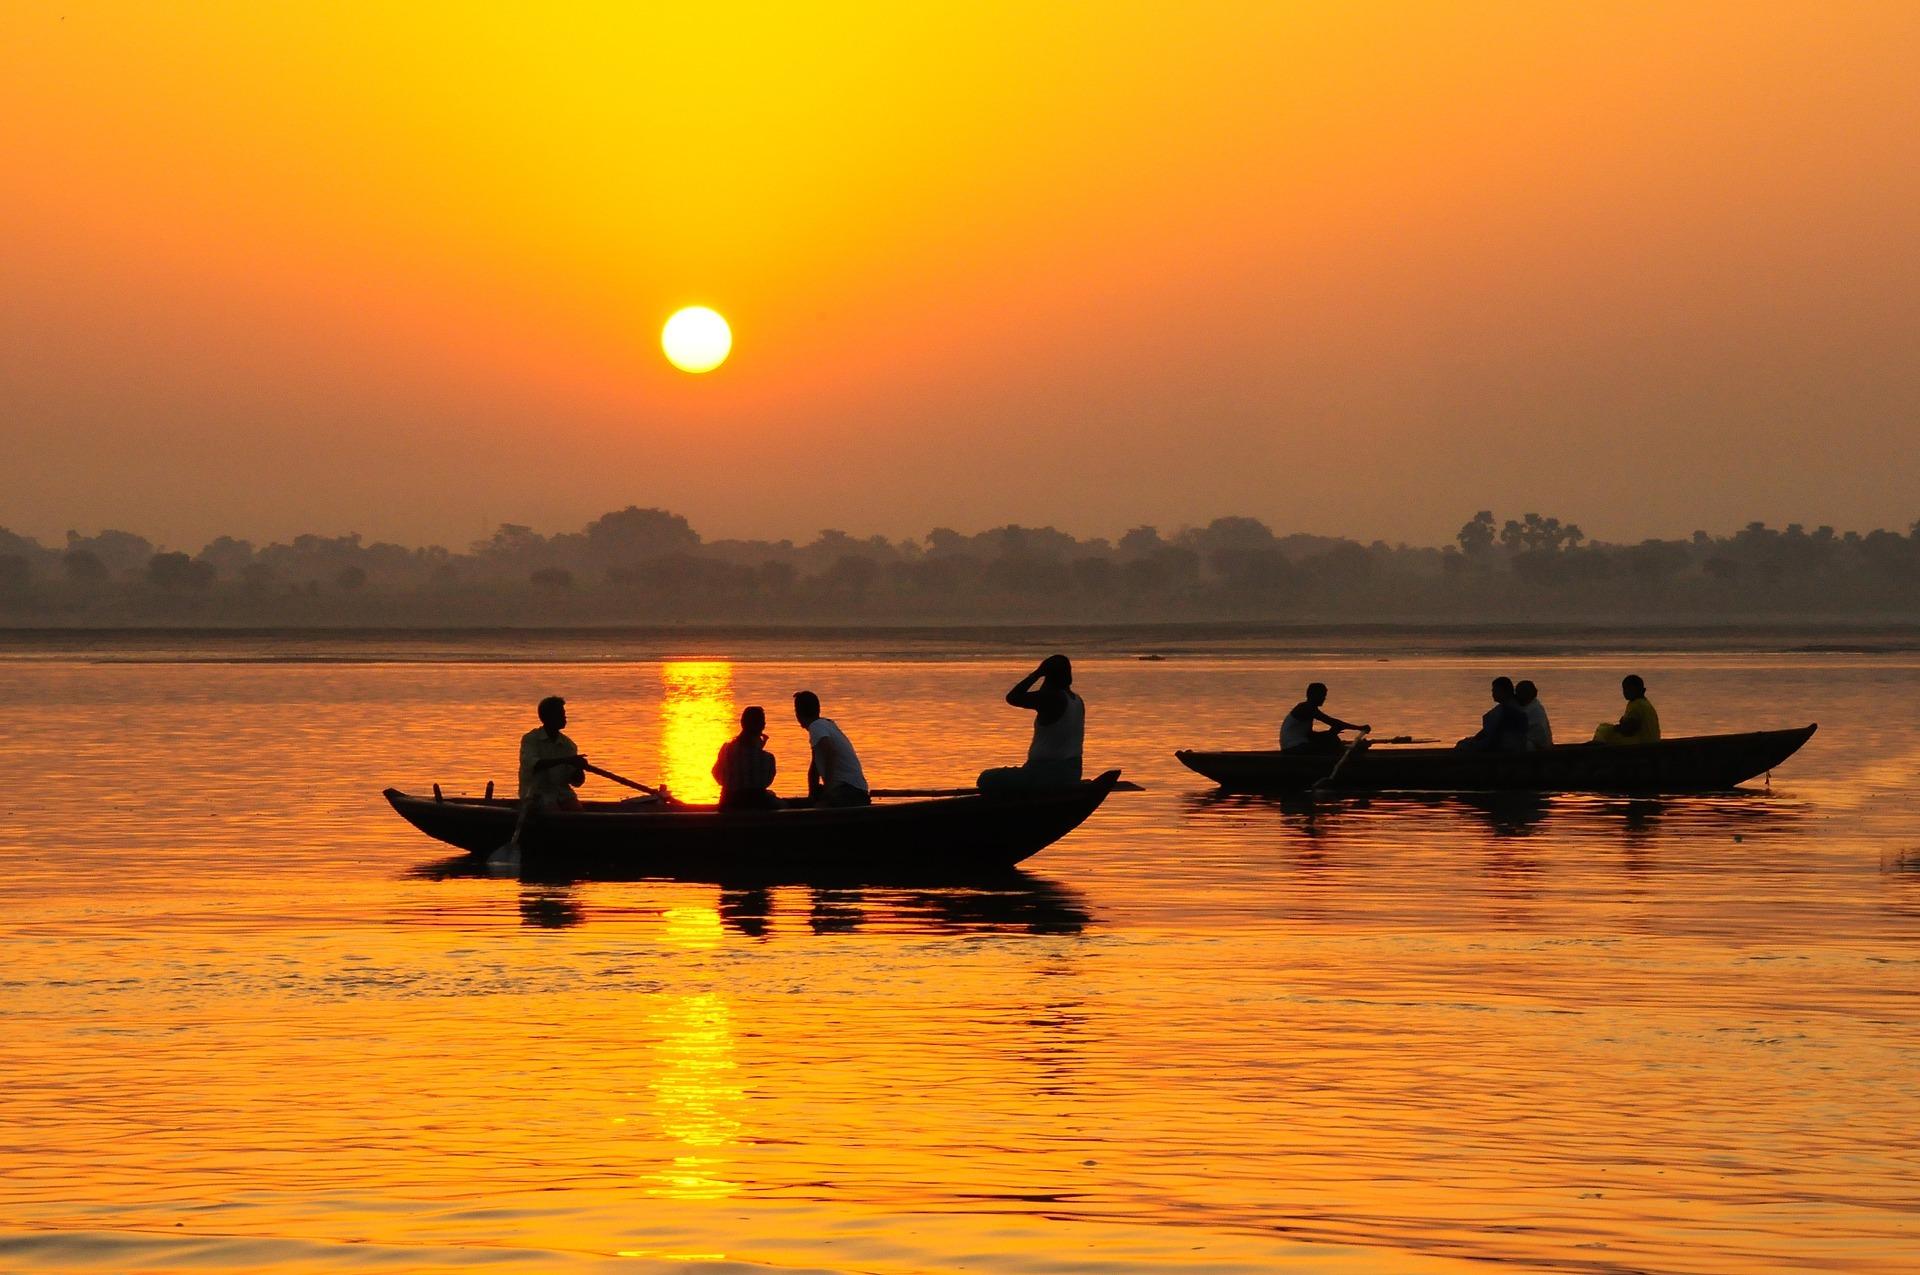 노을로 물든 갠지스 강. 싯다르타는 이 강을 건너 다시 바이샬리로 돌아갔다. 그리고 홀로 수행을 시작했다